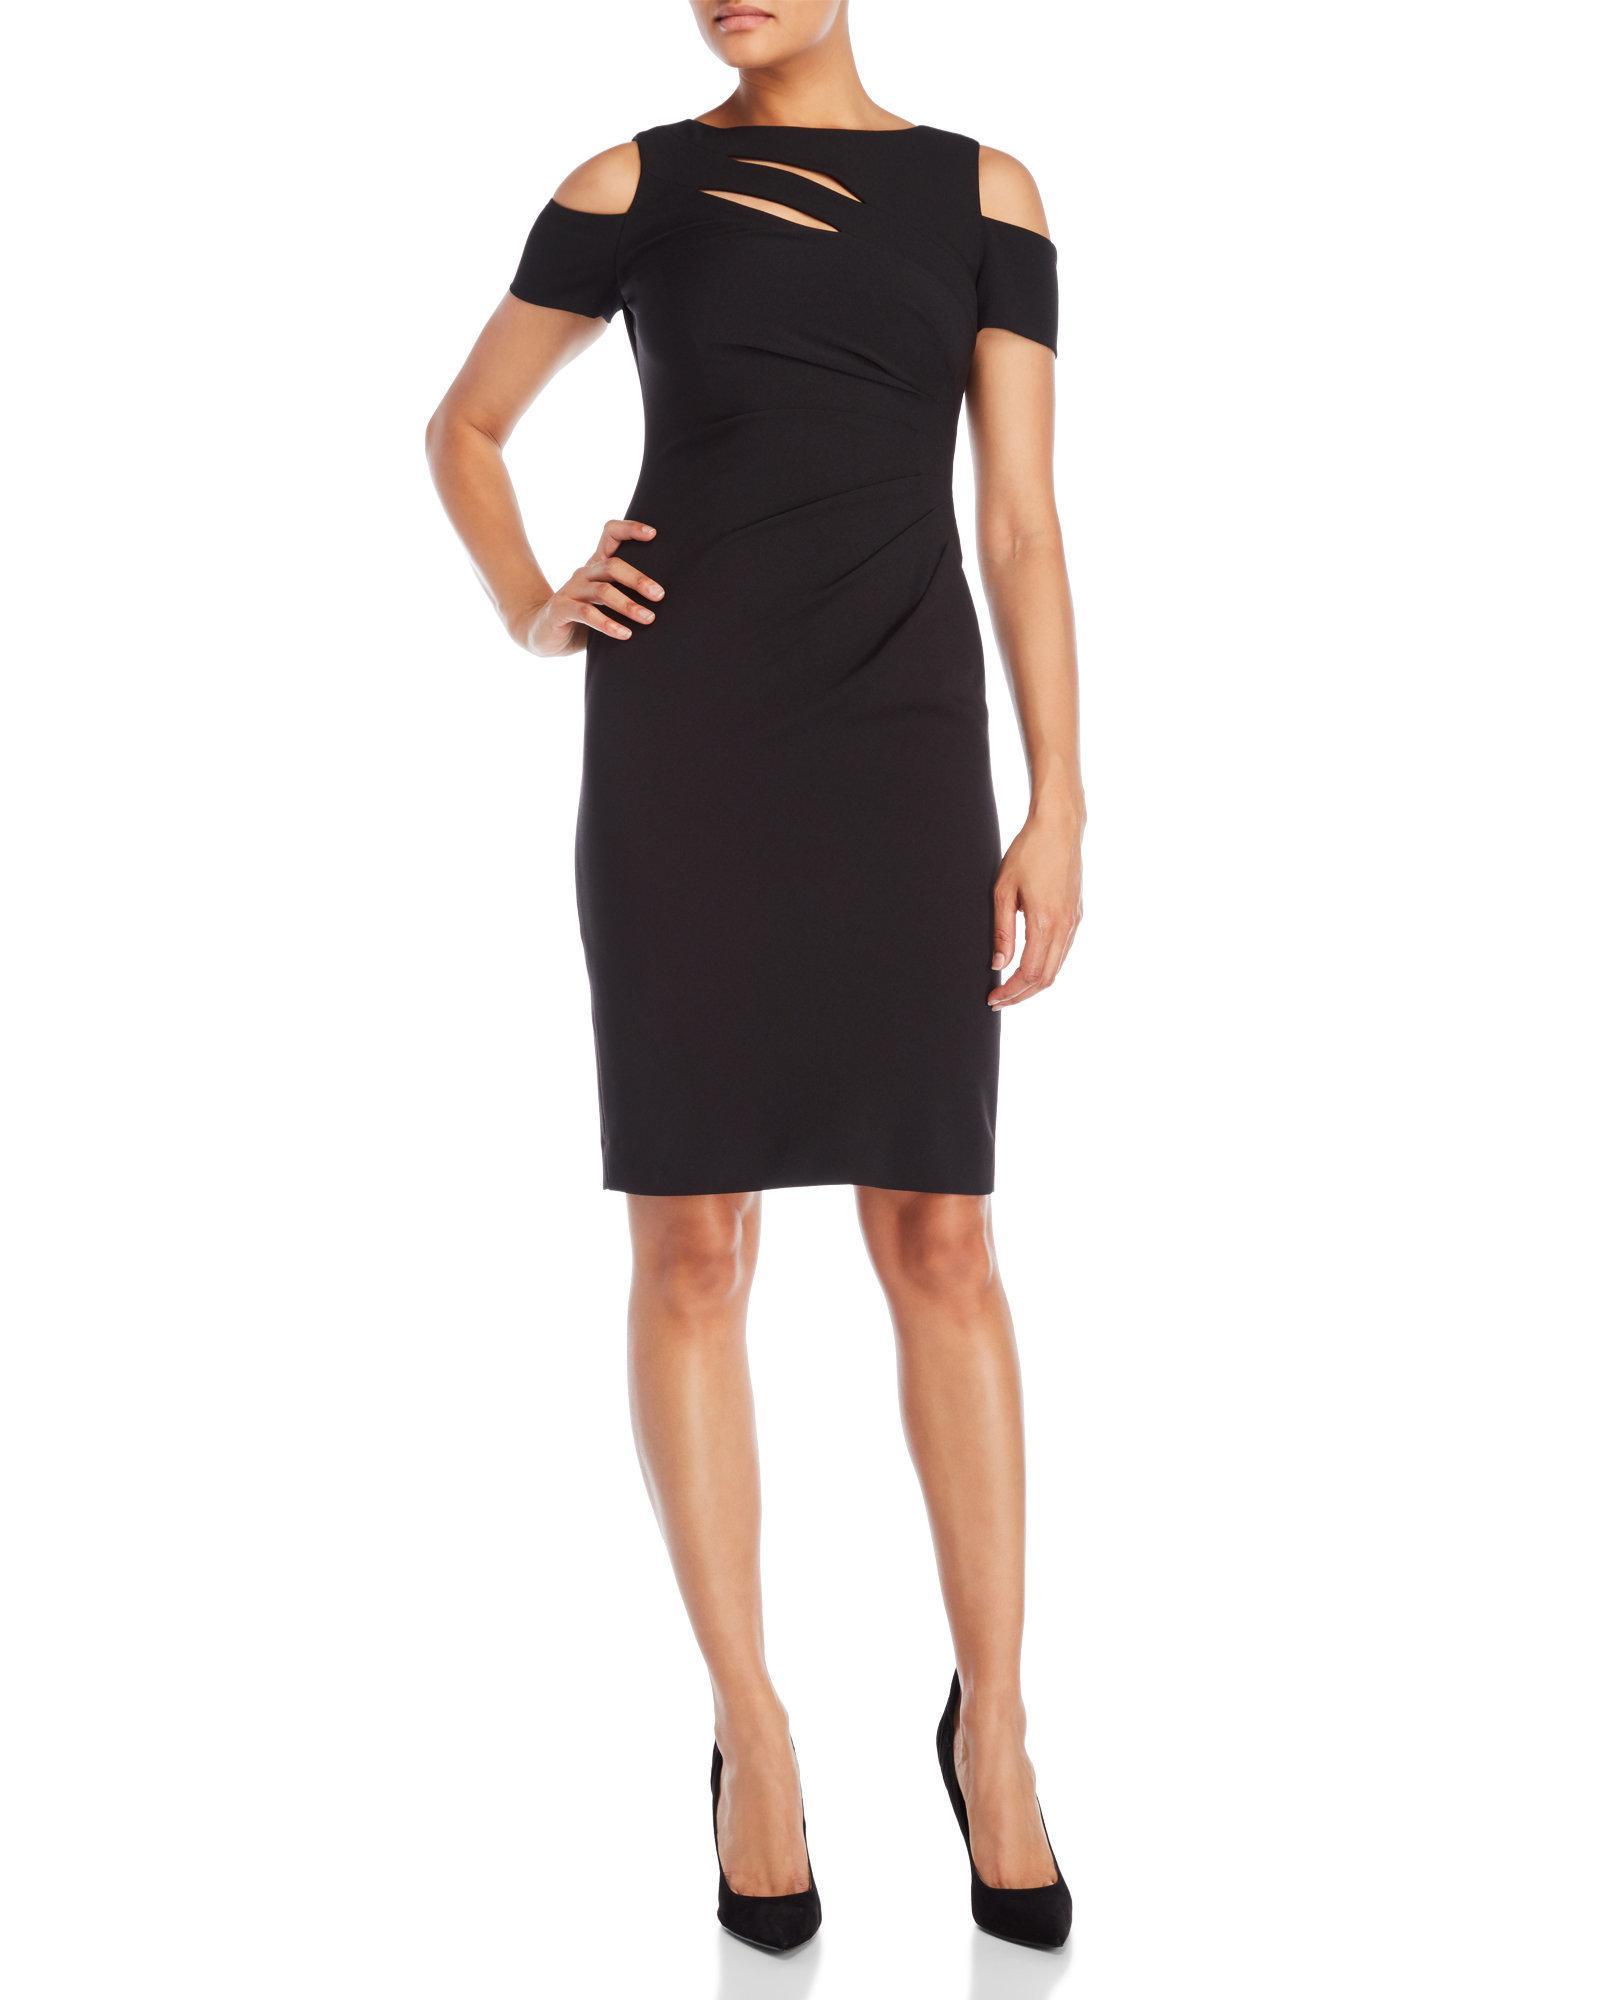 0e8199e07400 Lyst - Tahari Cold Shoulder Midi Sheath Dress in Black